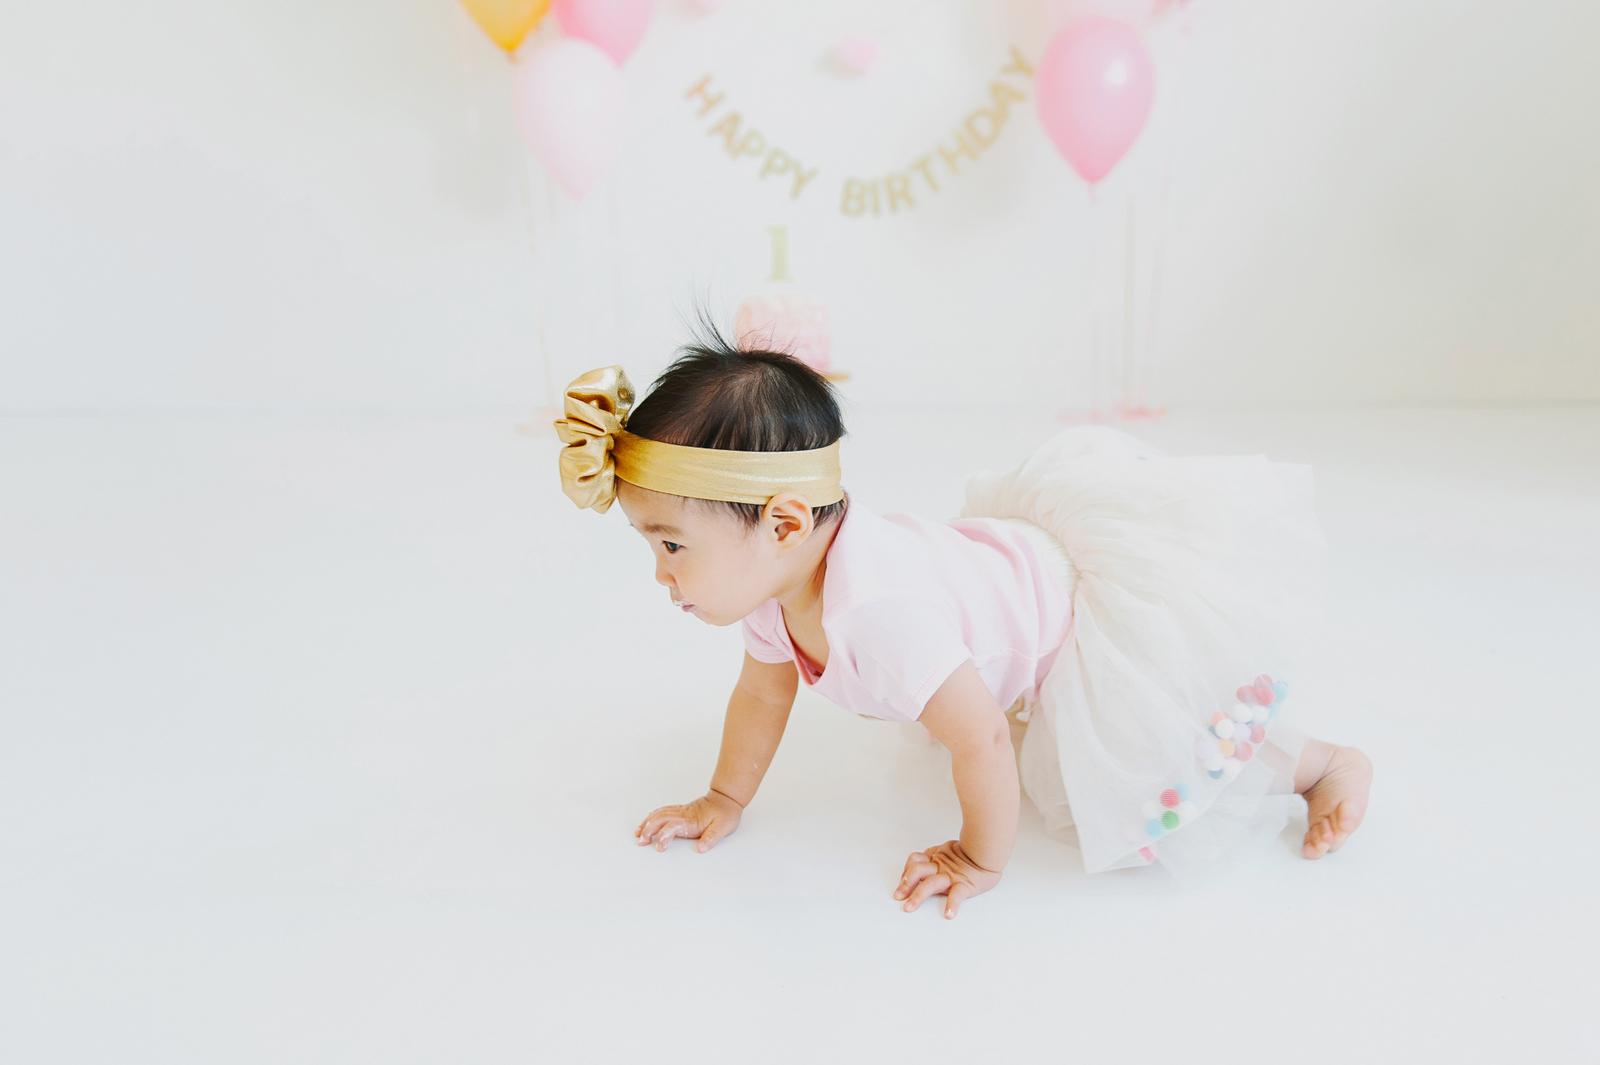 cake smash baby crawling away